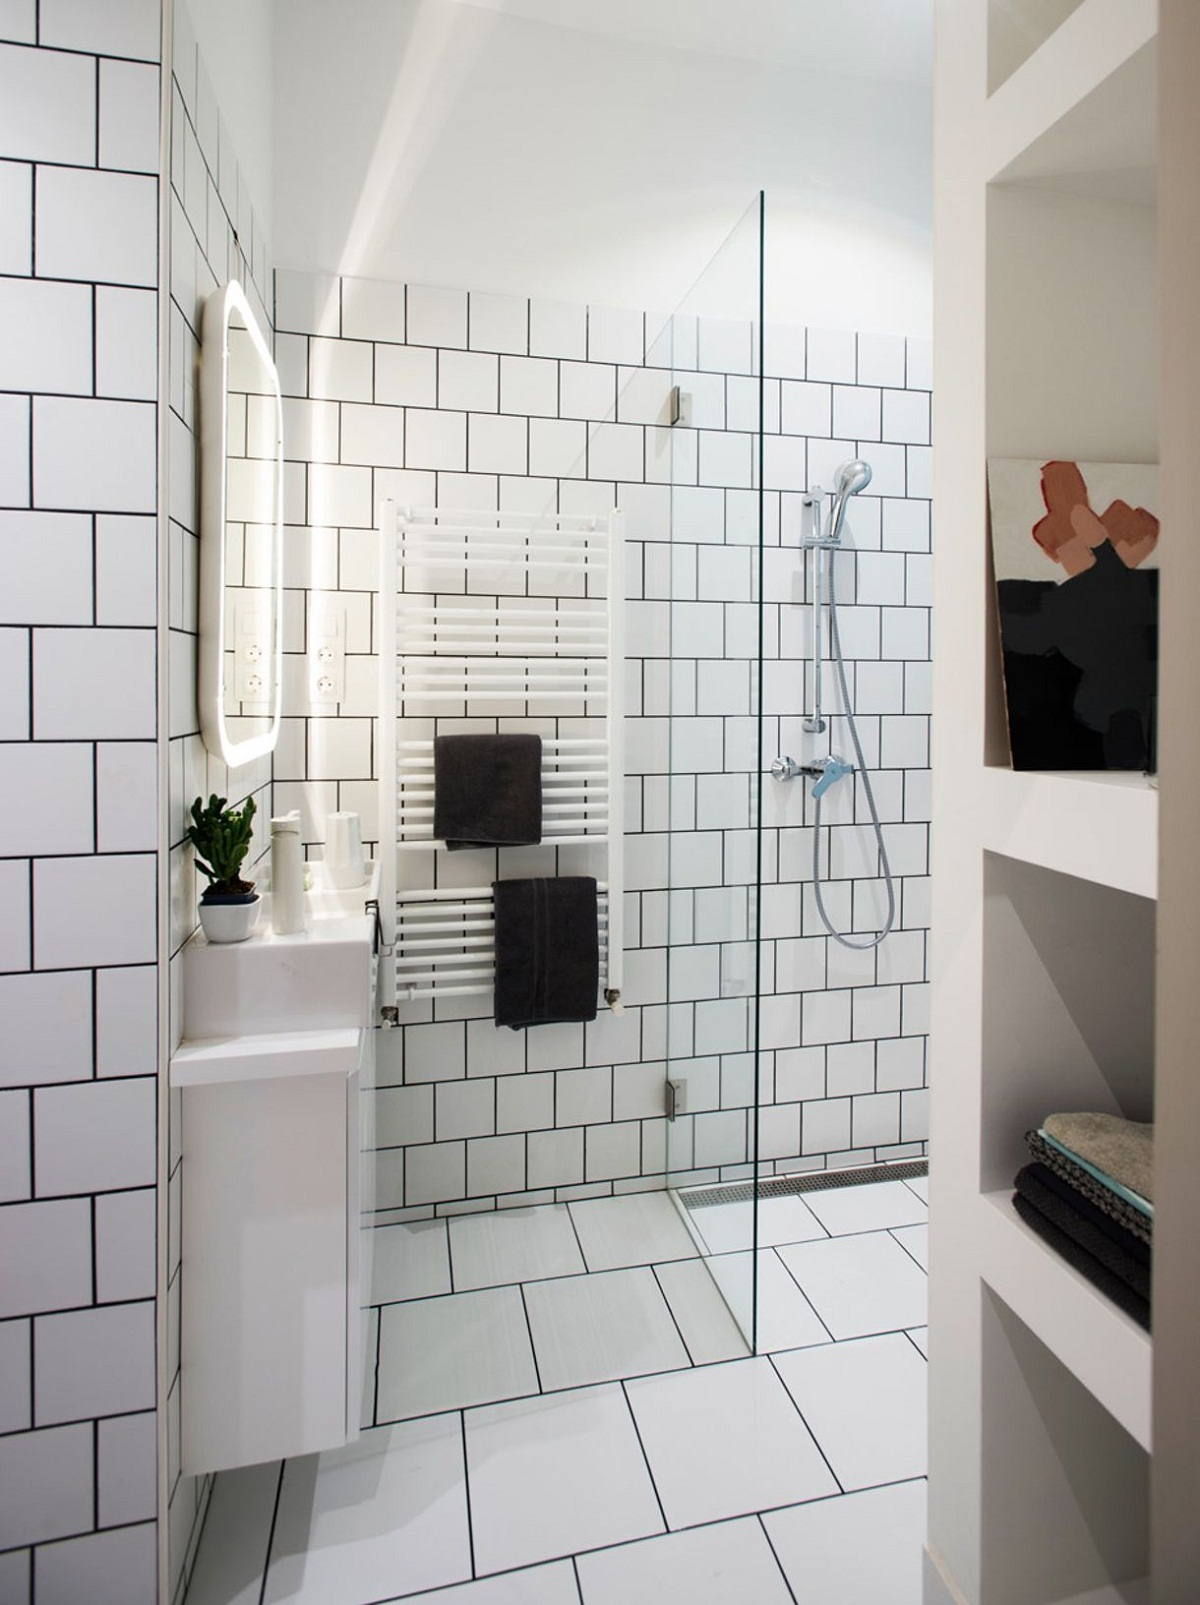 Gạch trắng được ốp hầu hết diện tích nhà tắm mang lại cảm giác sạch mát.